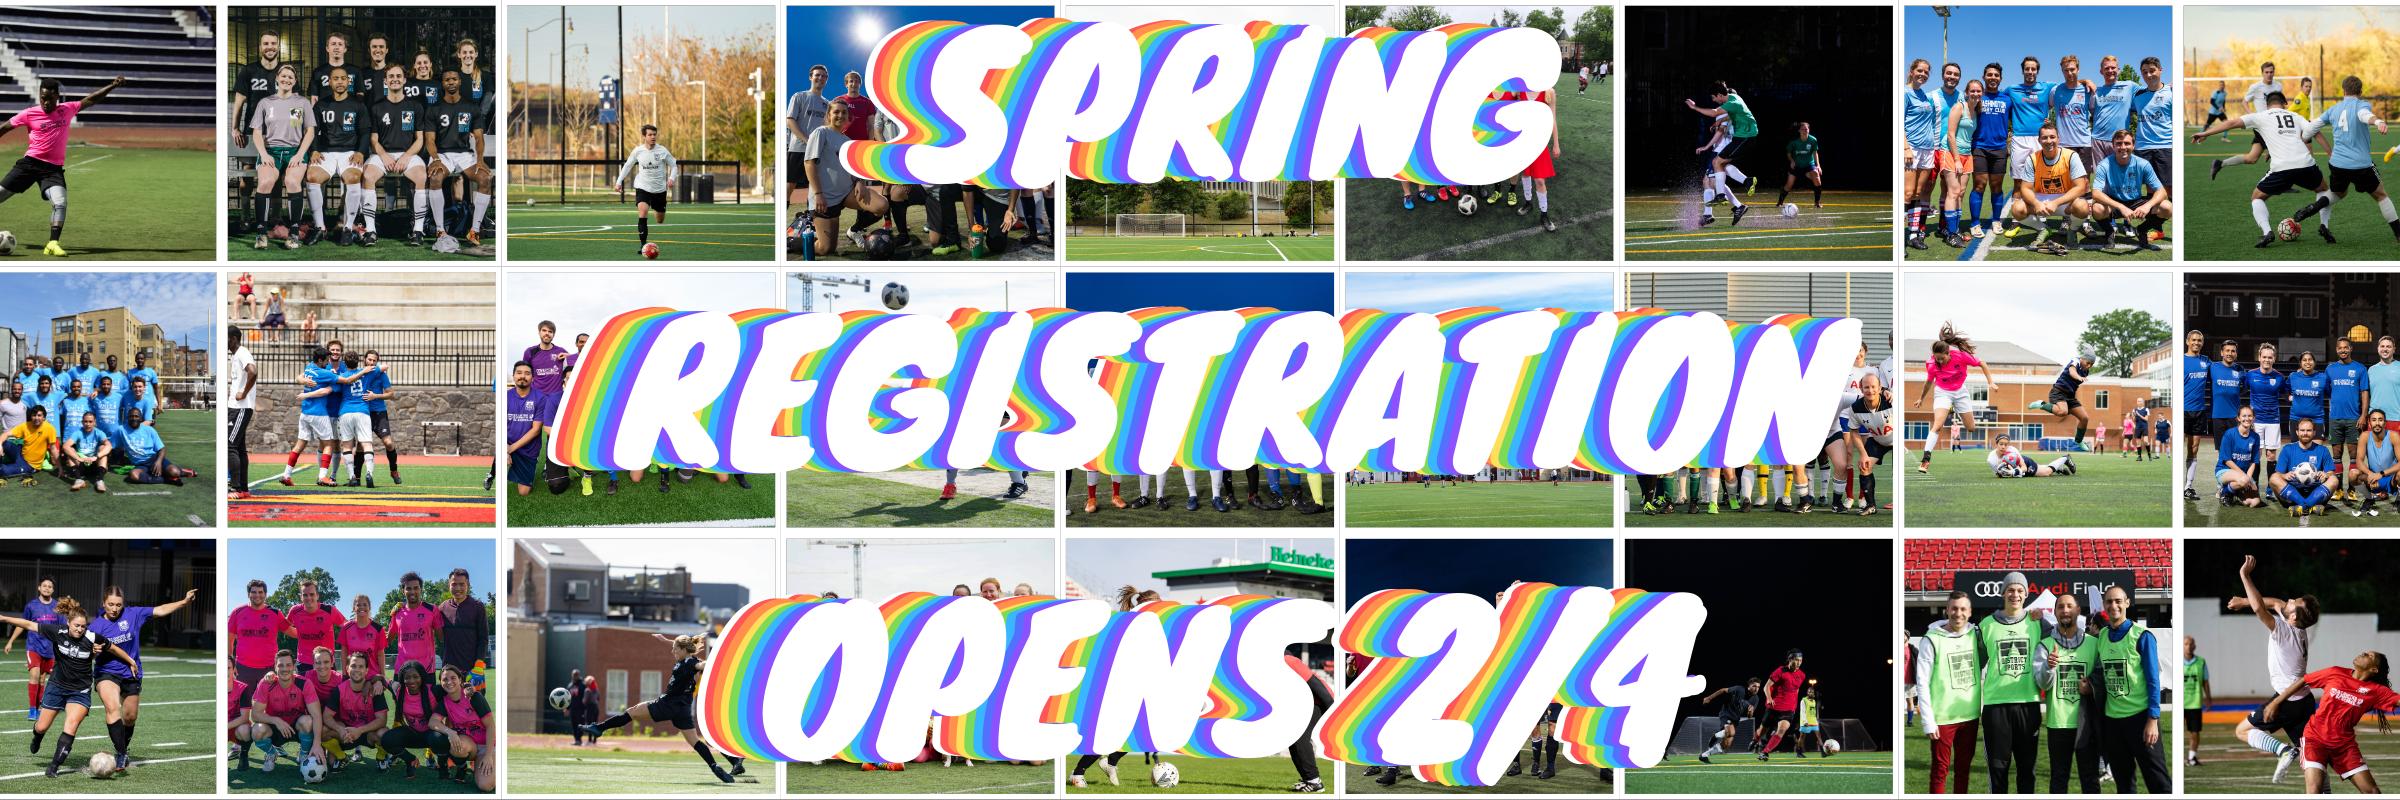 Spring Registration Opens 2/4!